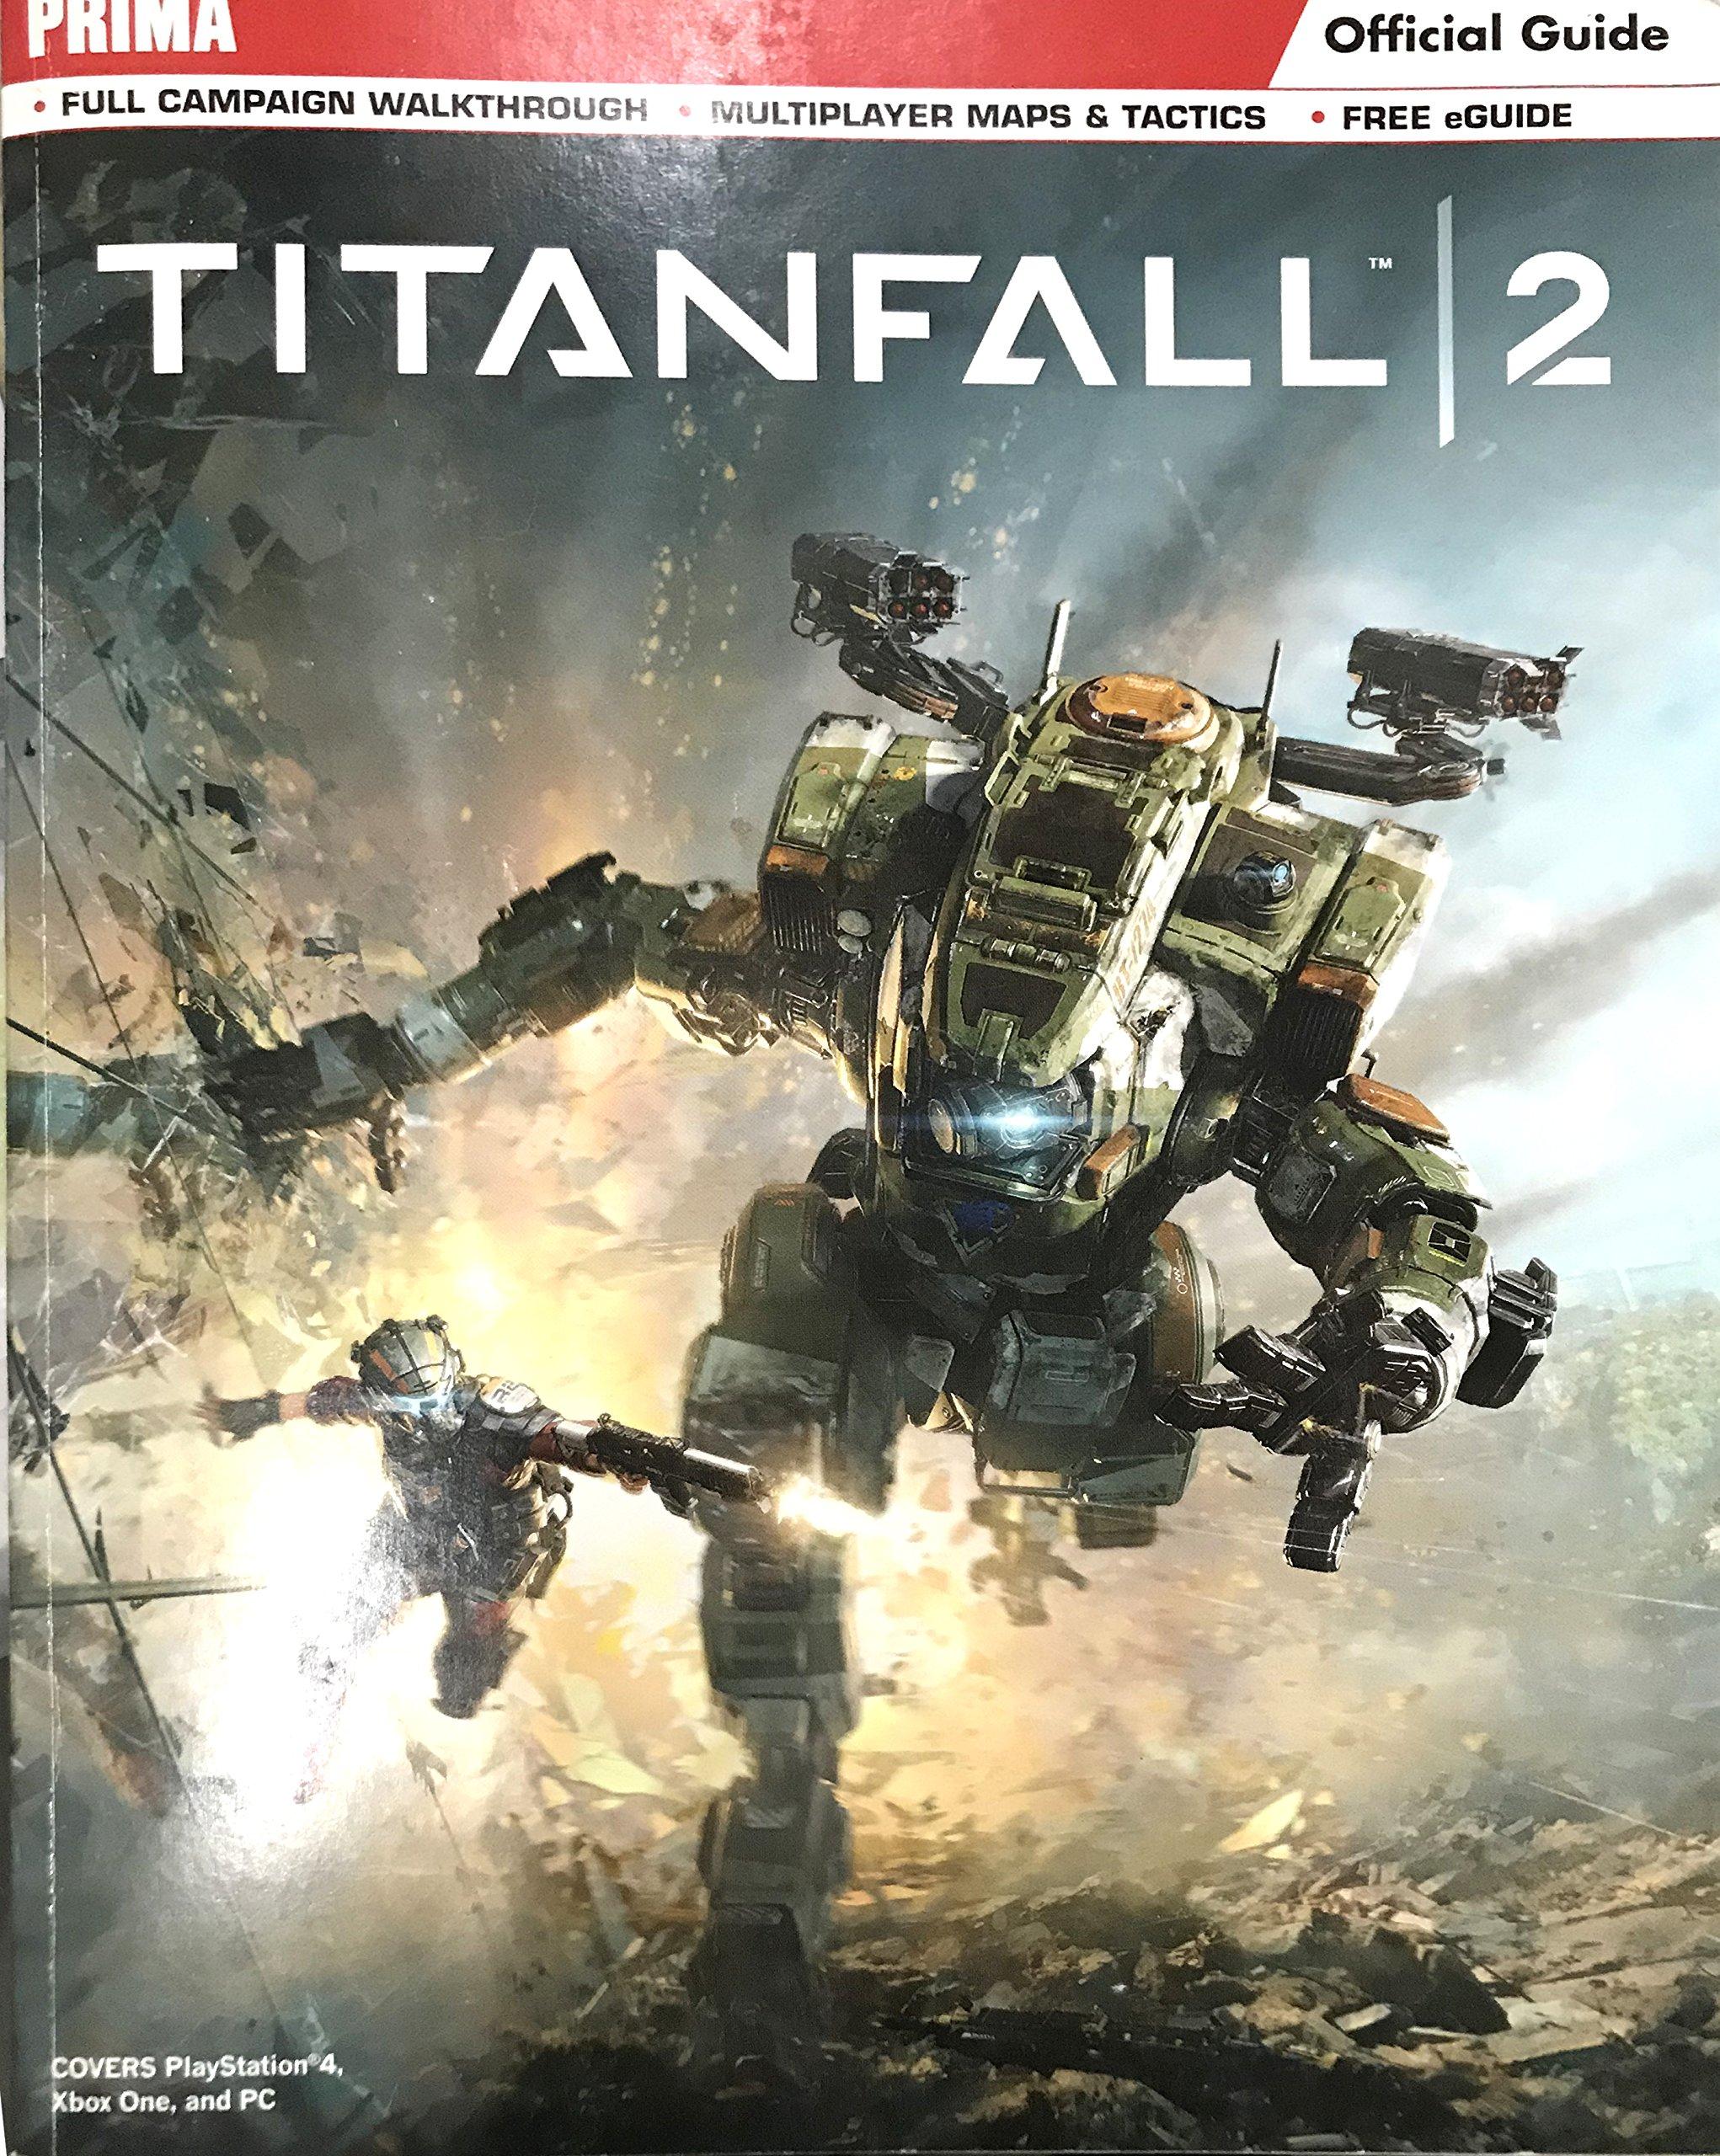 Titanfall 2: Amazon.es: Knight, David, Herrera, Daniel: Libros en ...